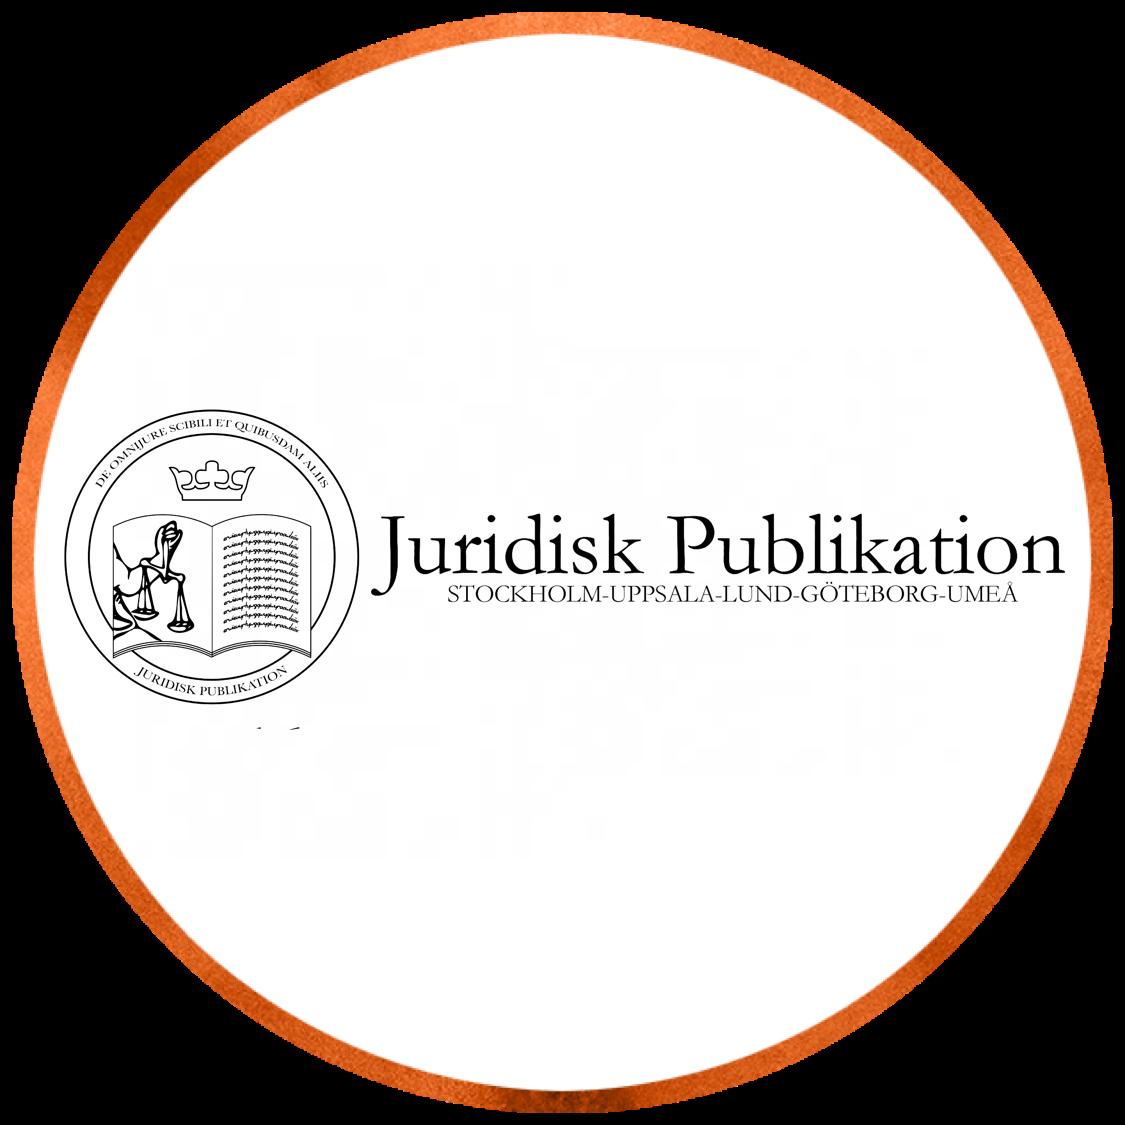 Juridisk Publikation